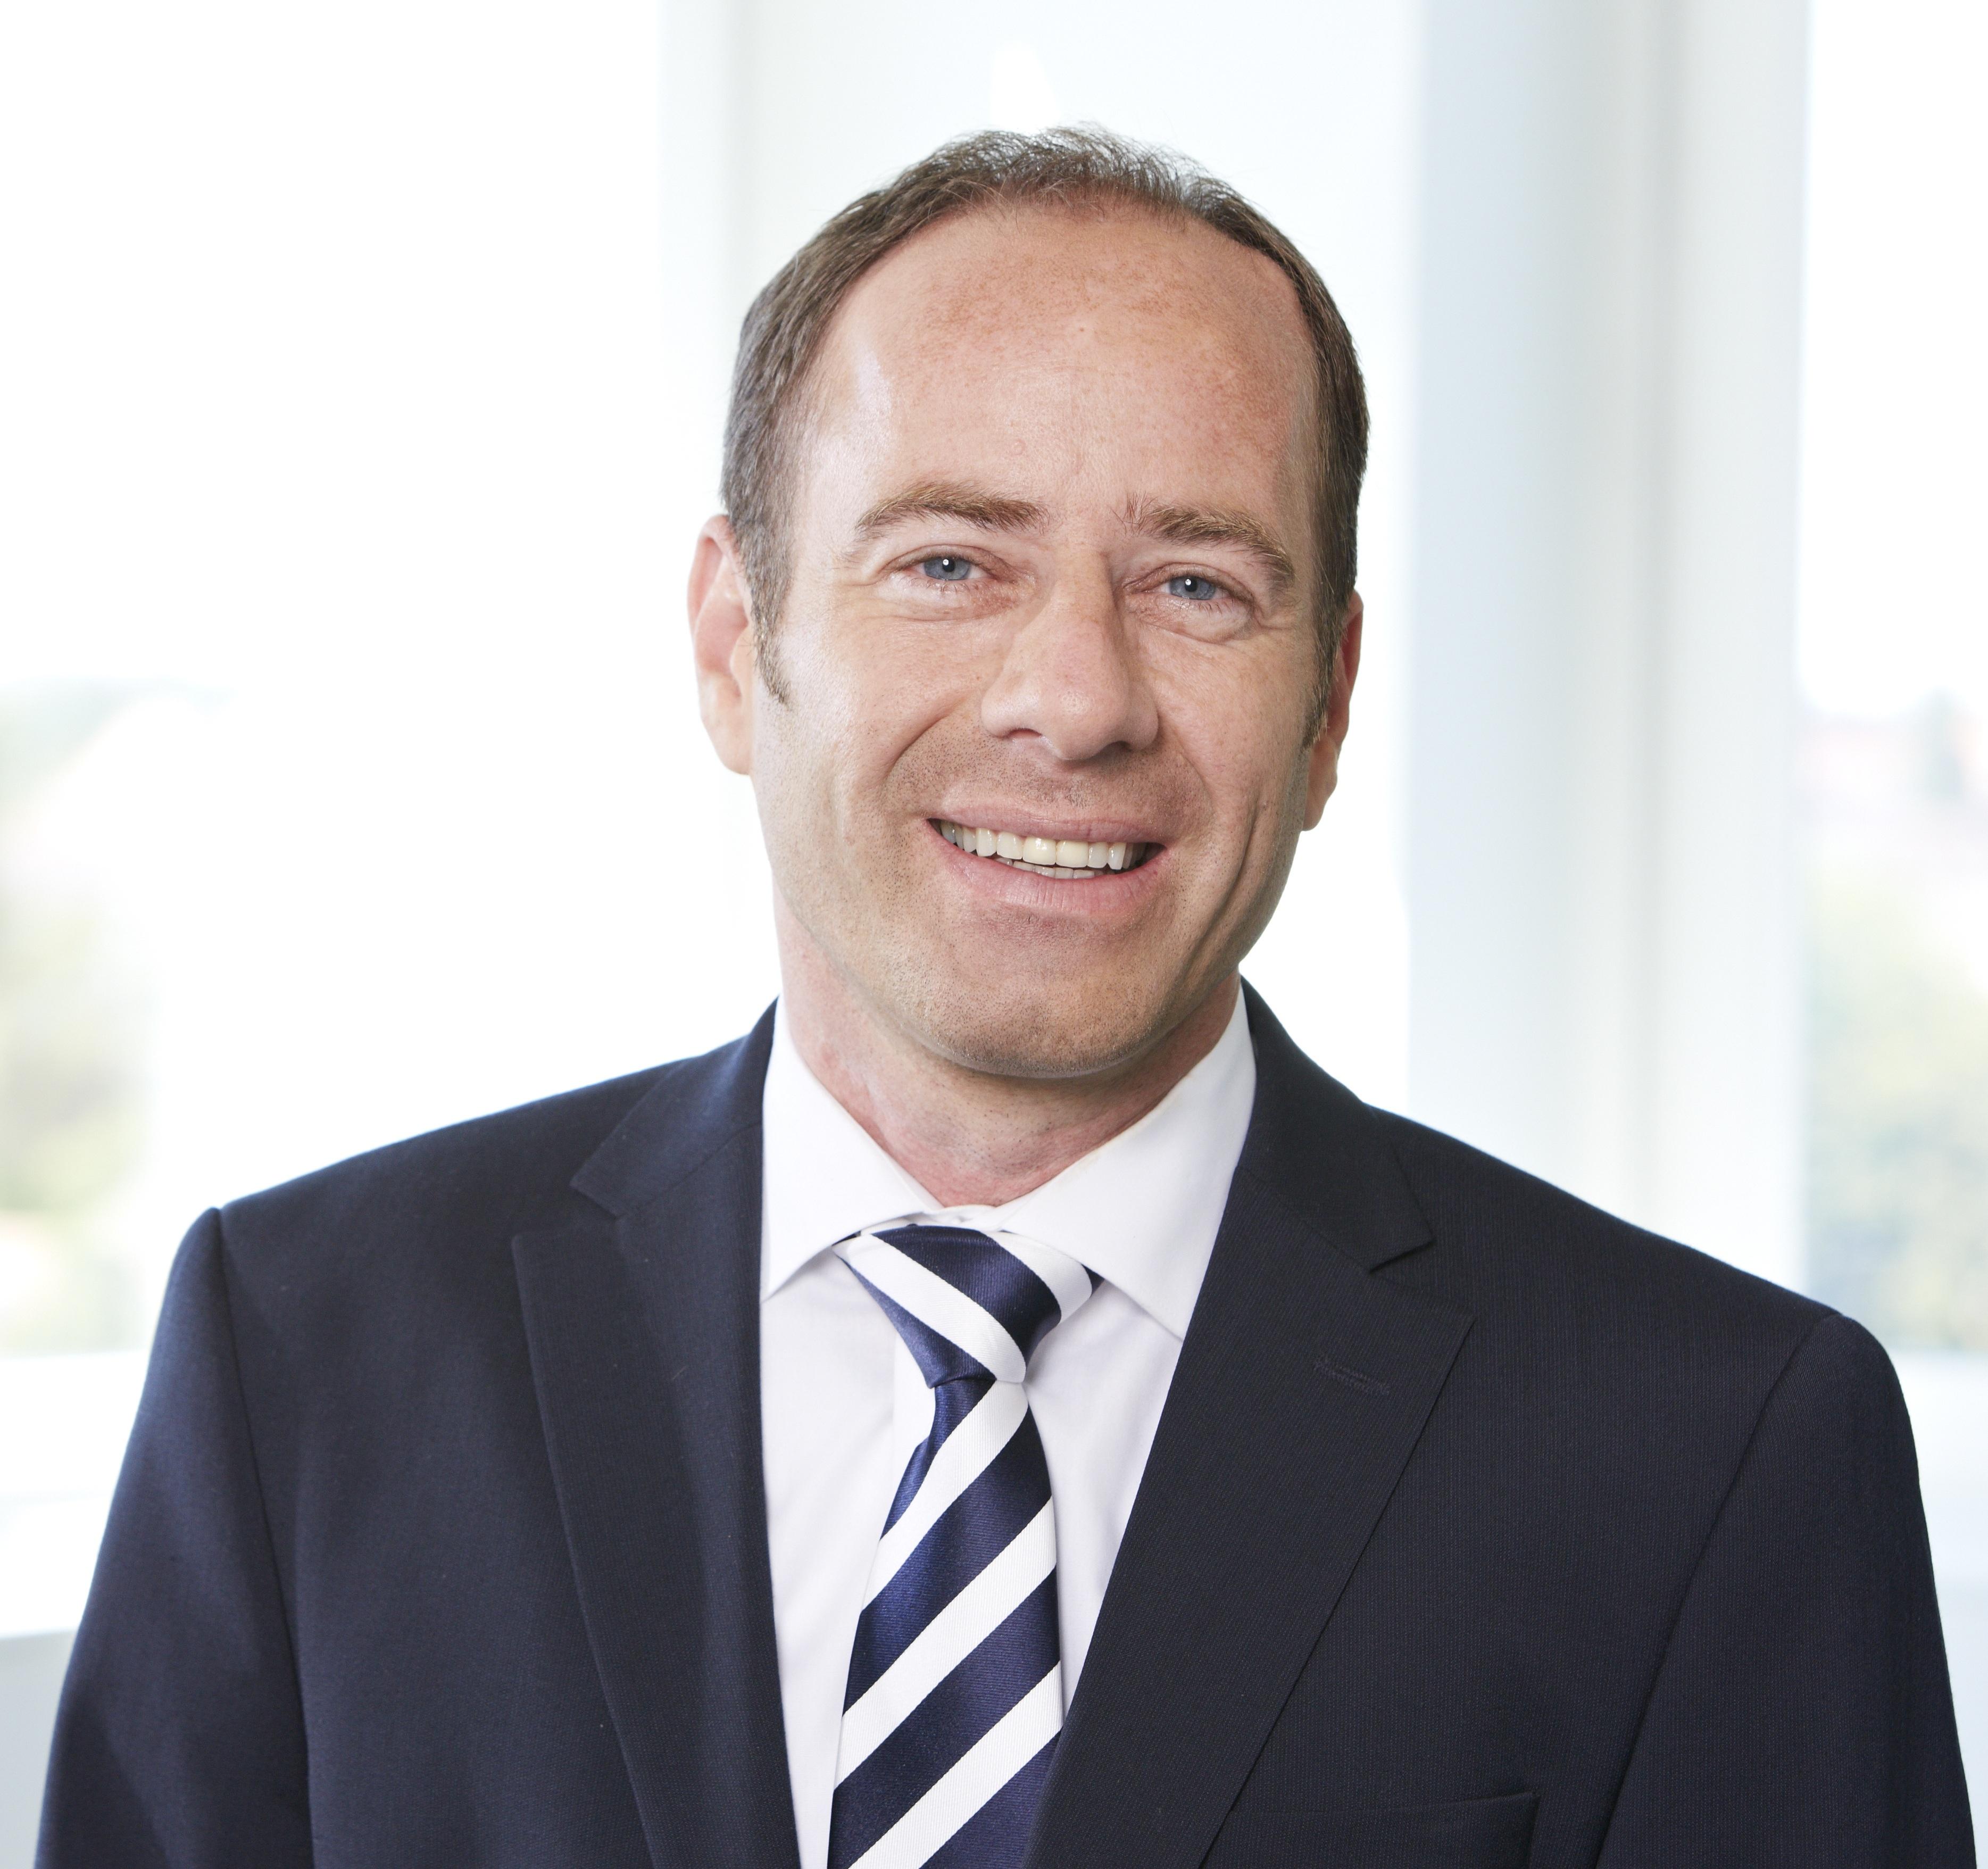 Portrait of Steffen Renner